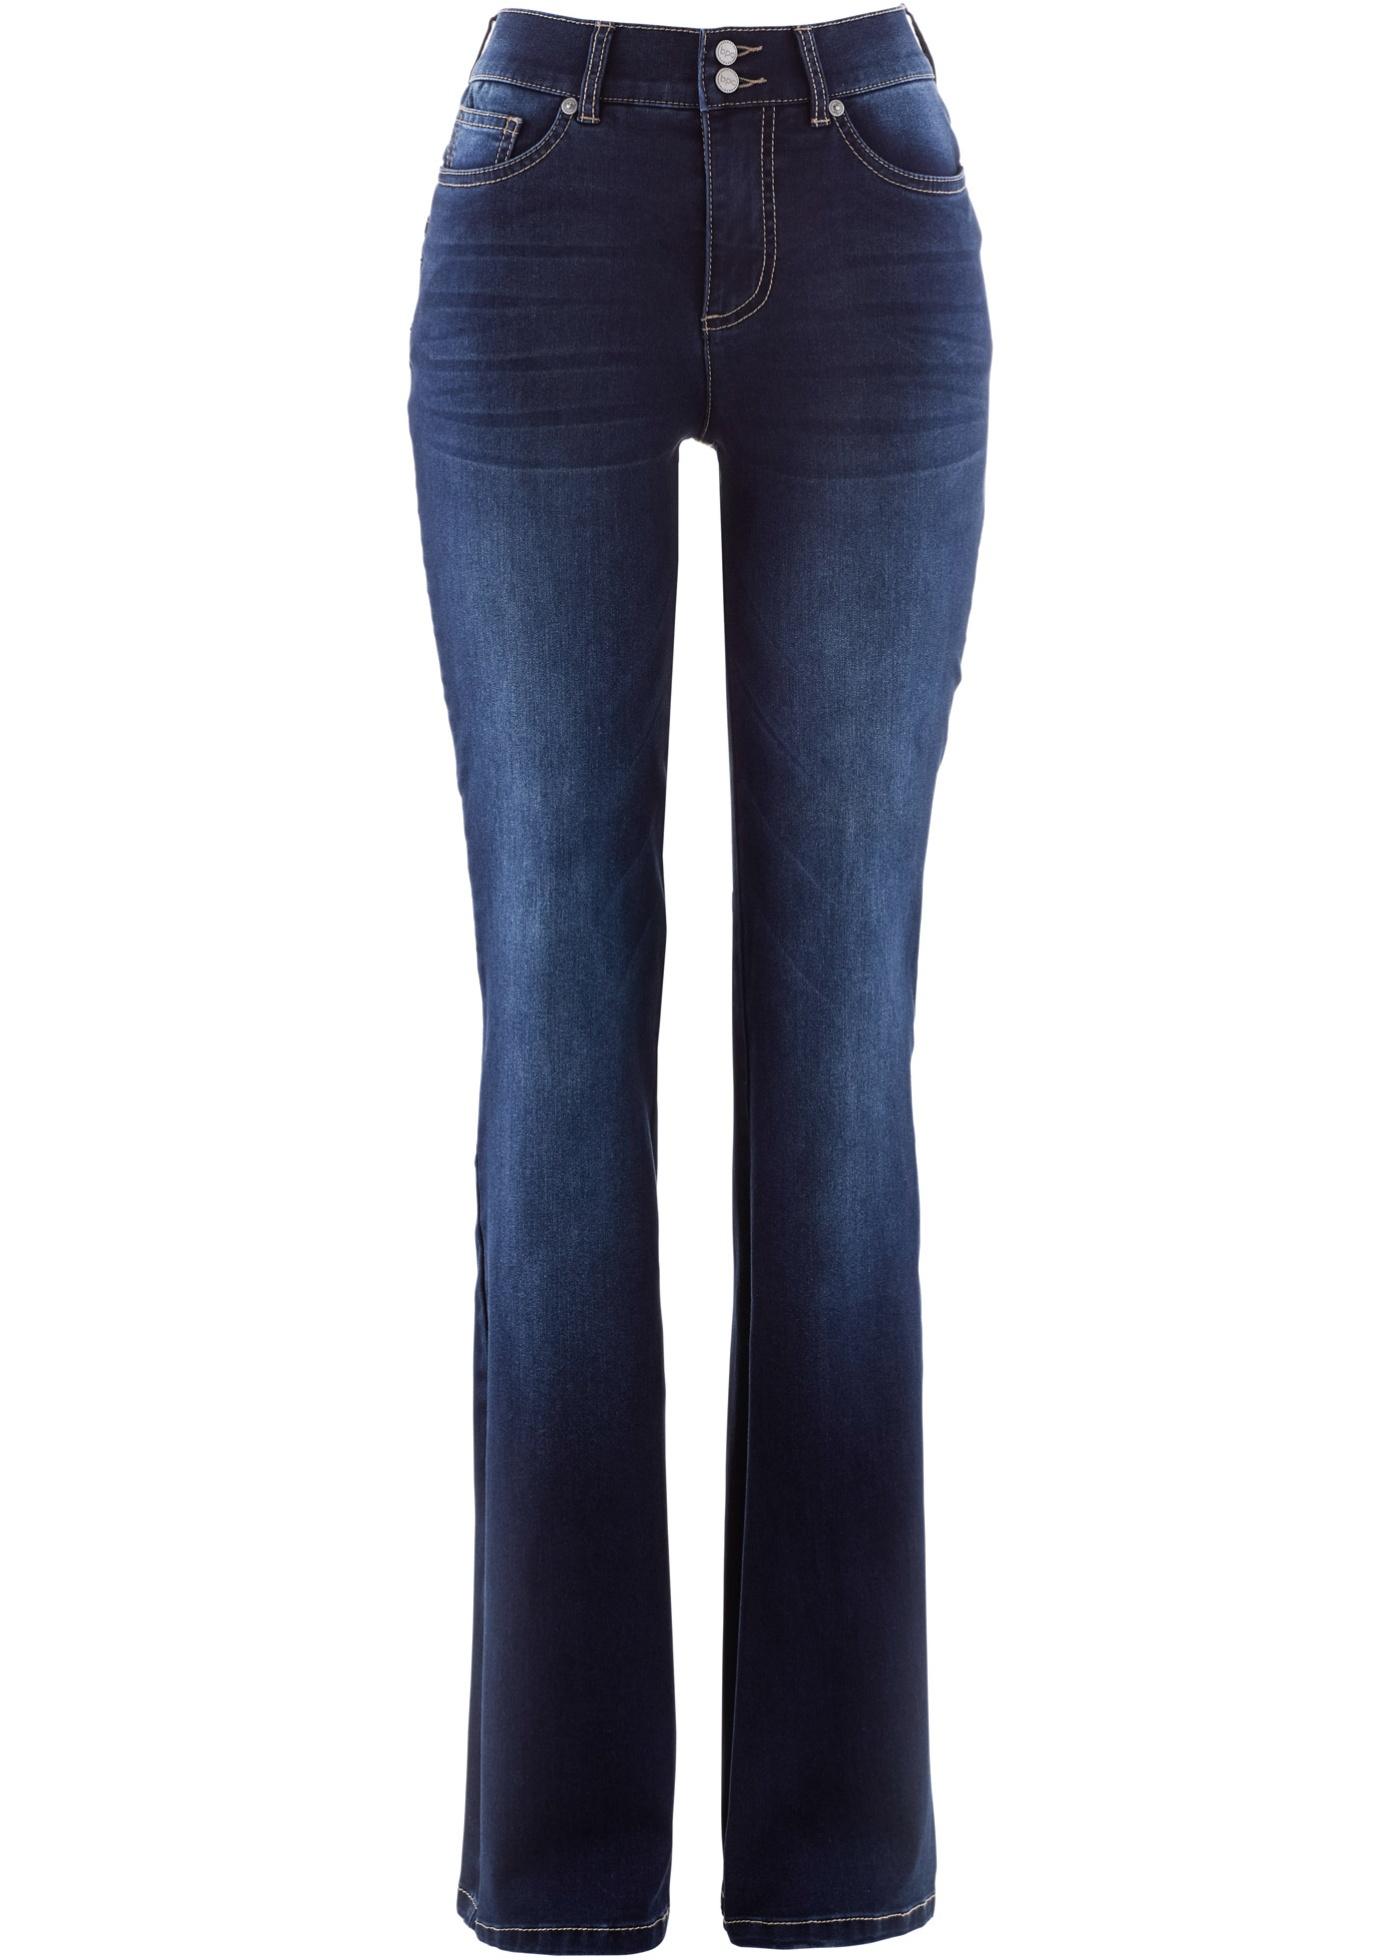 jeans push up preisvergleiche erfahrungsberichte und. Black Bedroom Furniture Sets. Home Design Ideas